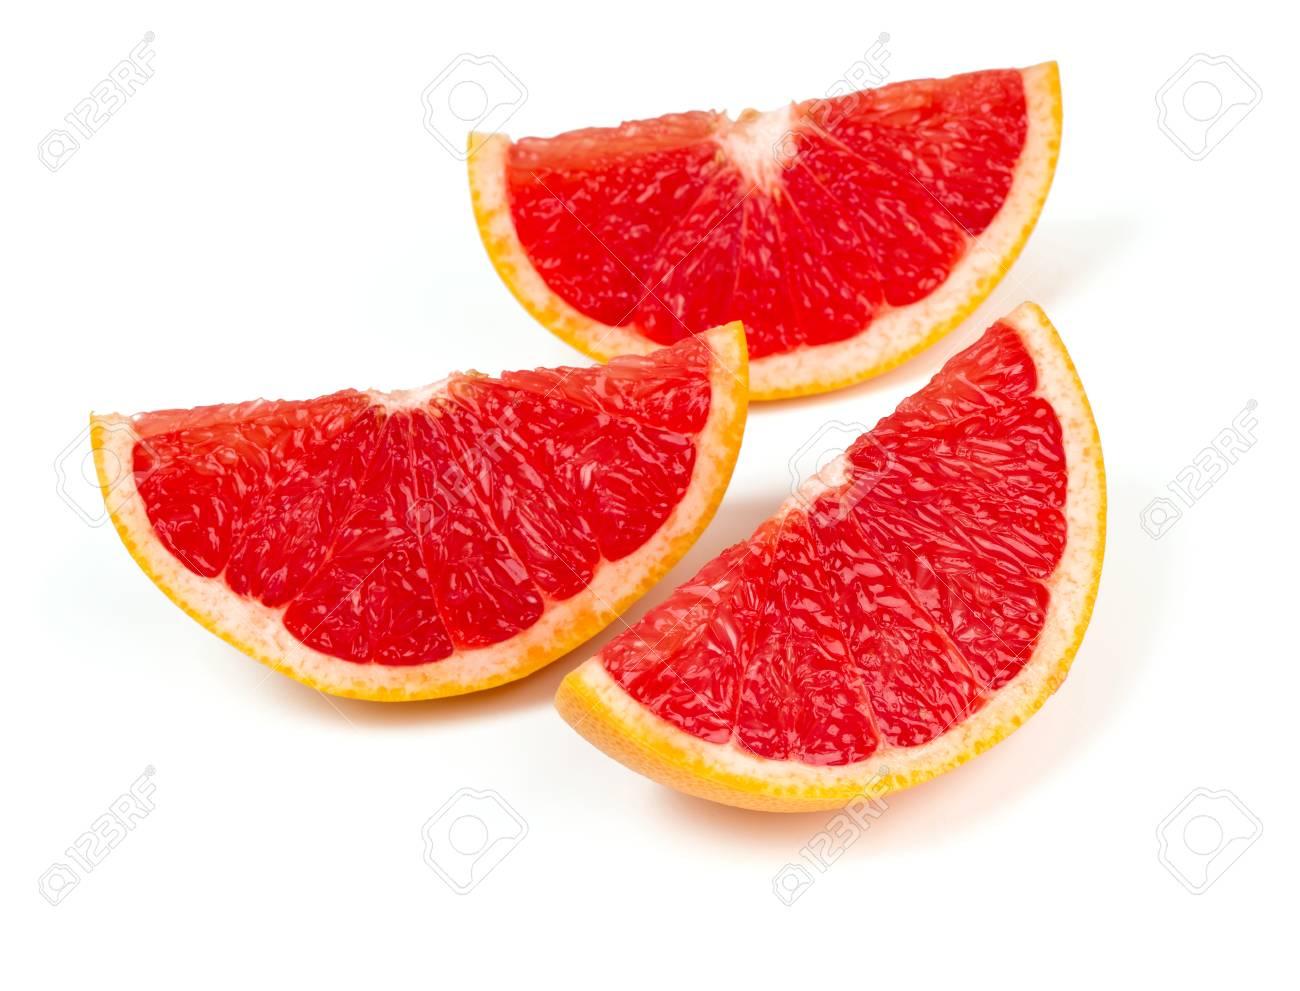 couper le pamplemousse rouge isole sur blanc banque d images et photos libres de droits image 24349106